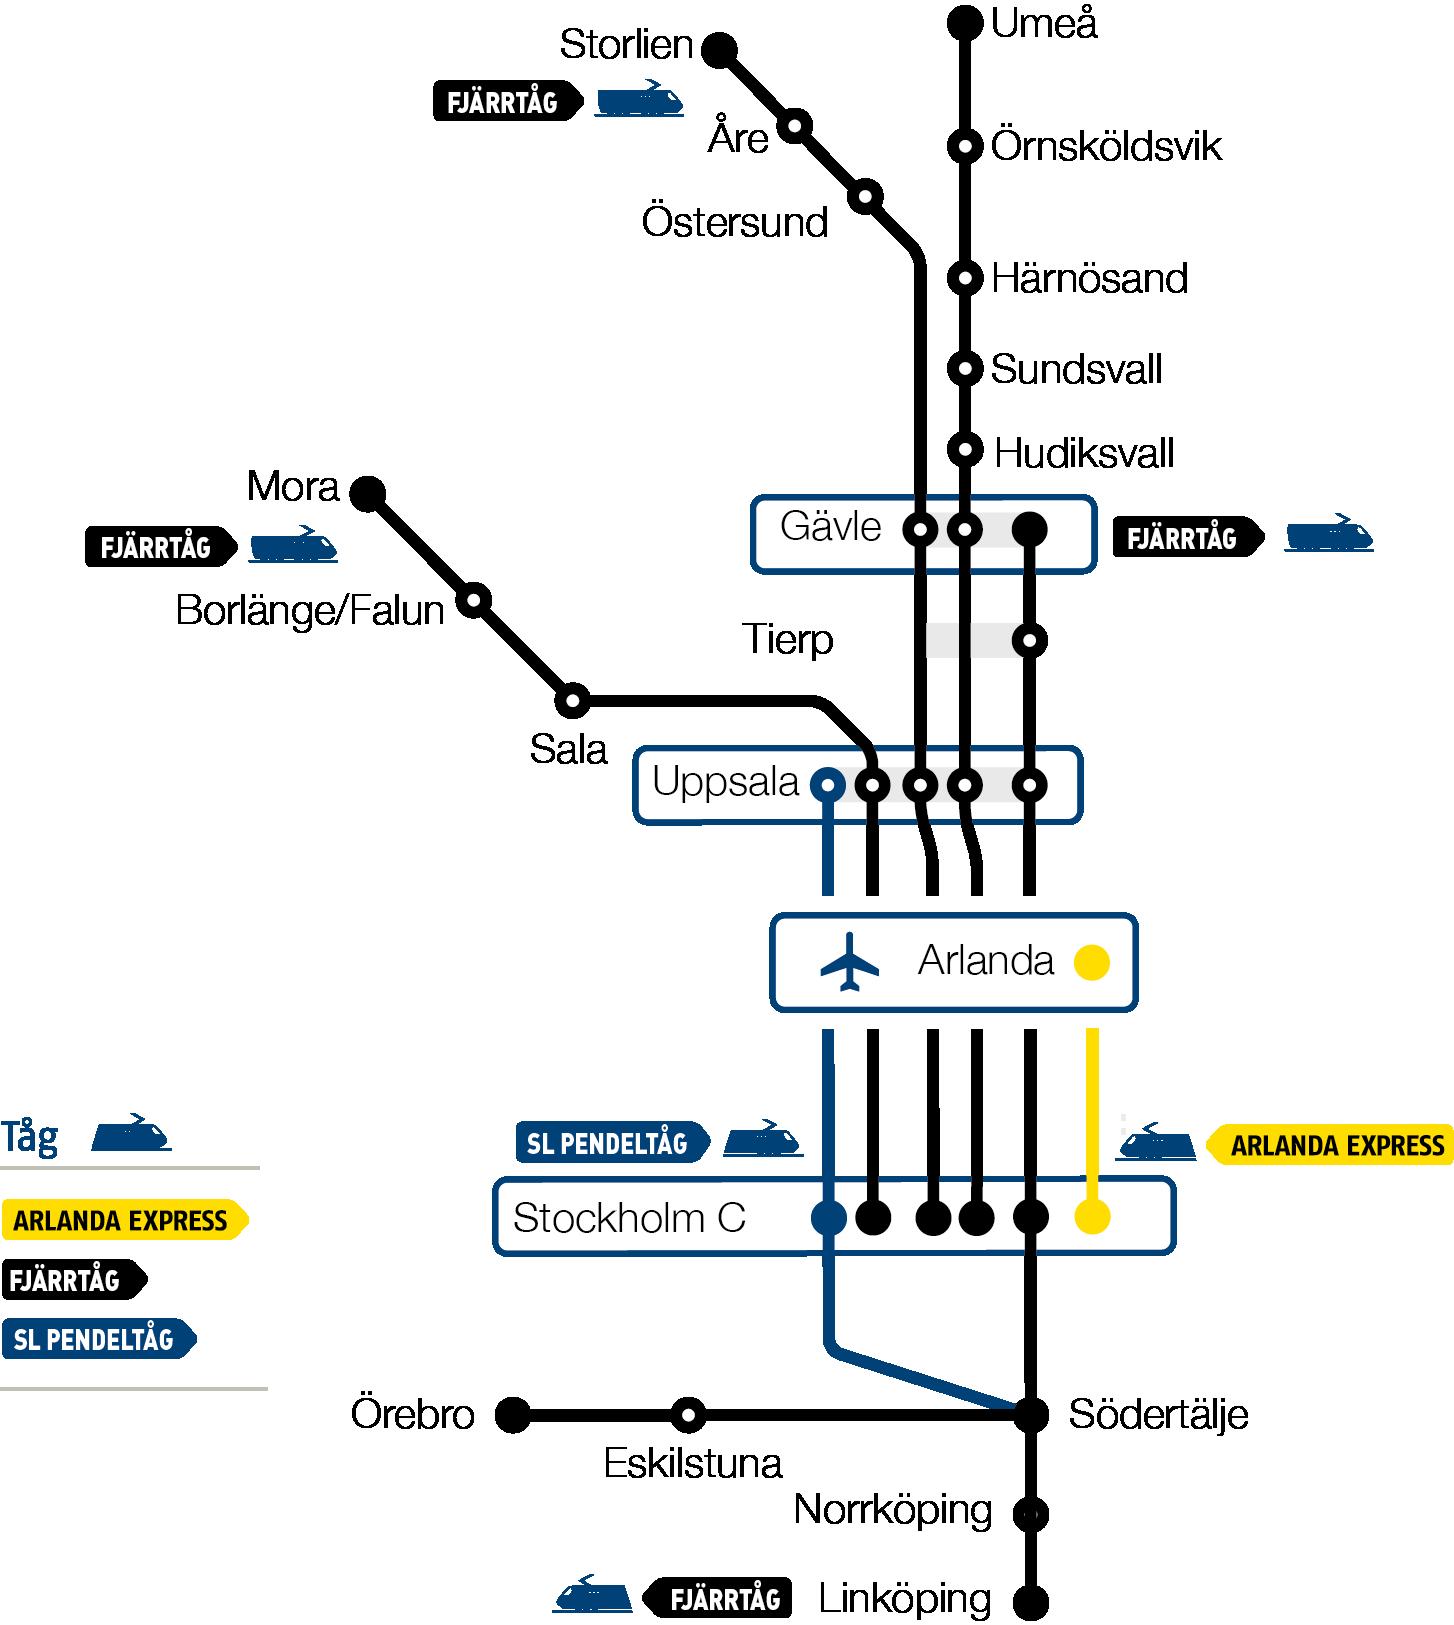 Arlandabanan Trafikkarta tåg